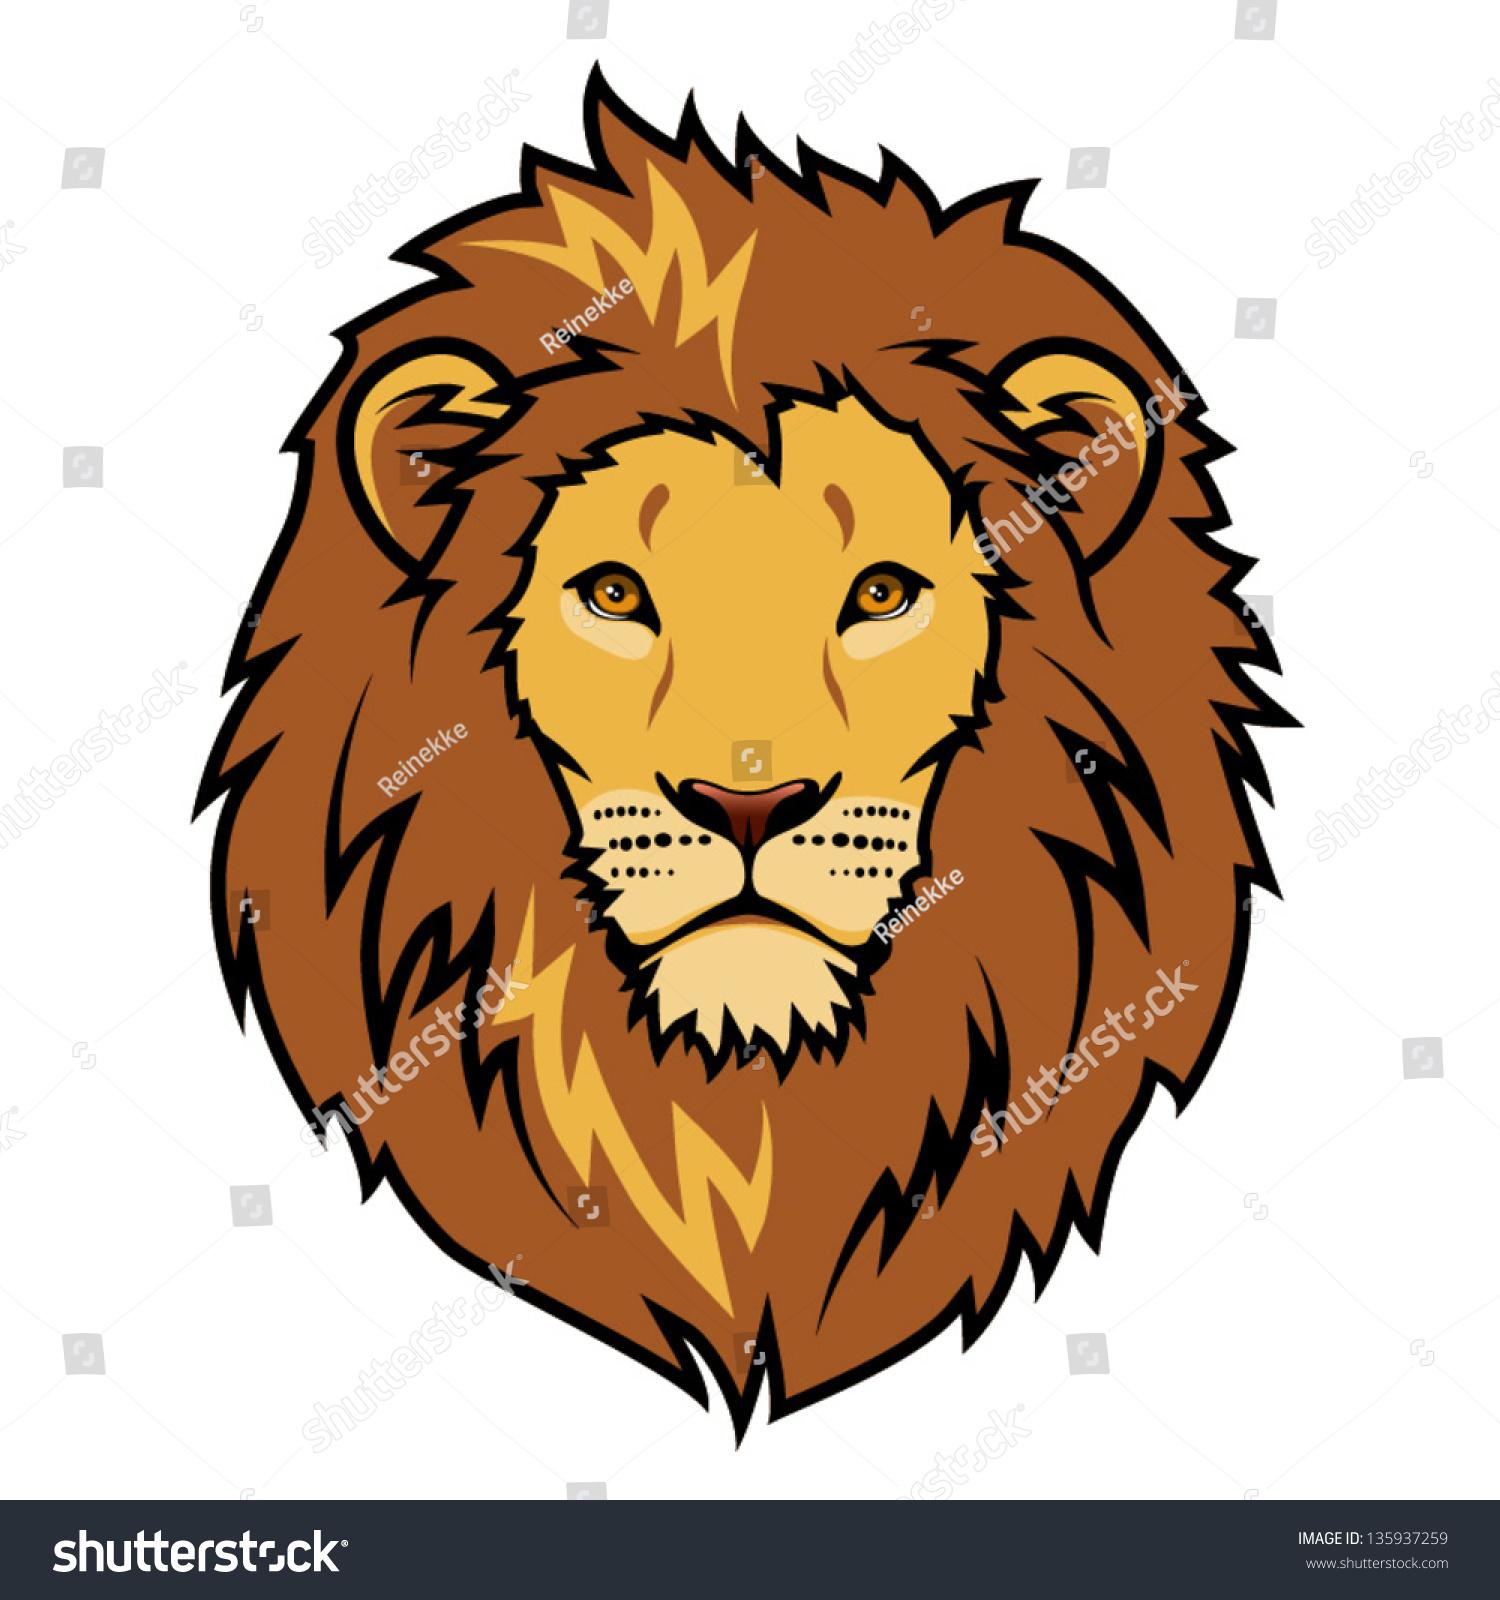 lion head color illustration